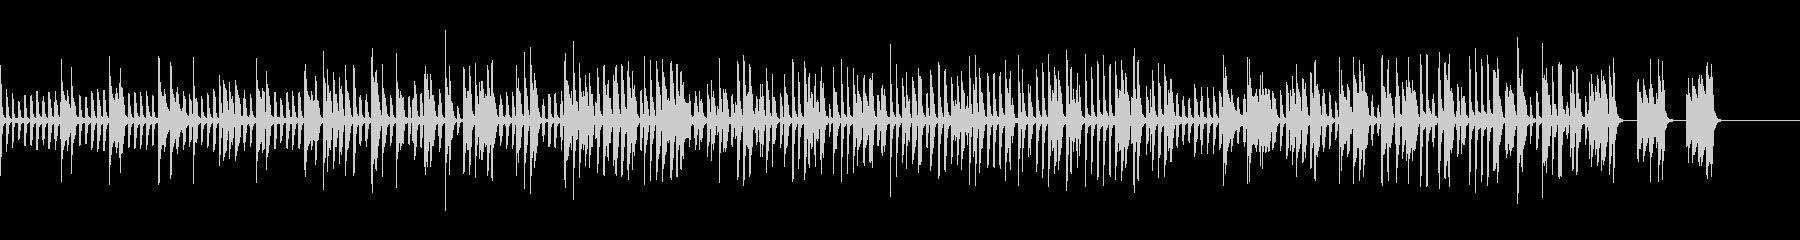 ピアノのみクラブ・バー風のJAZZの未再生の波形